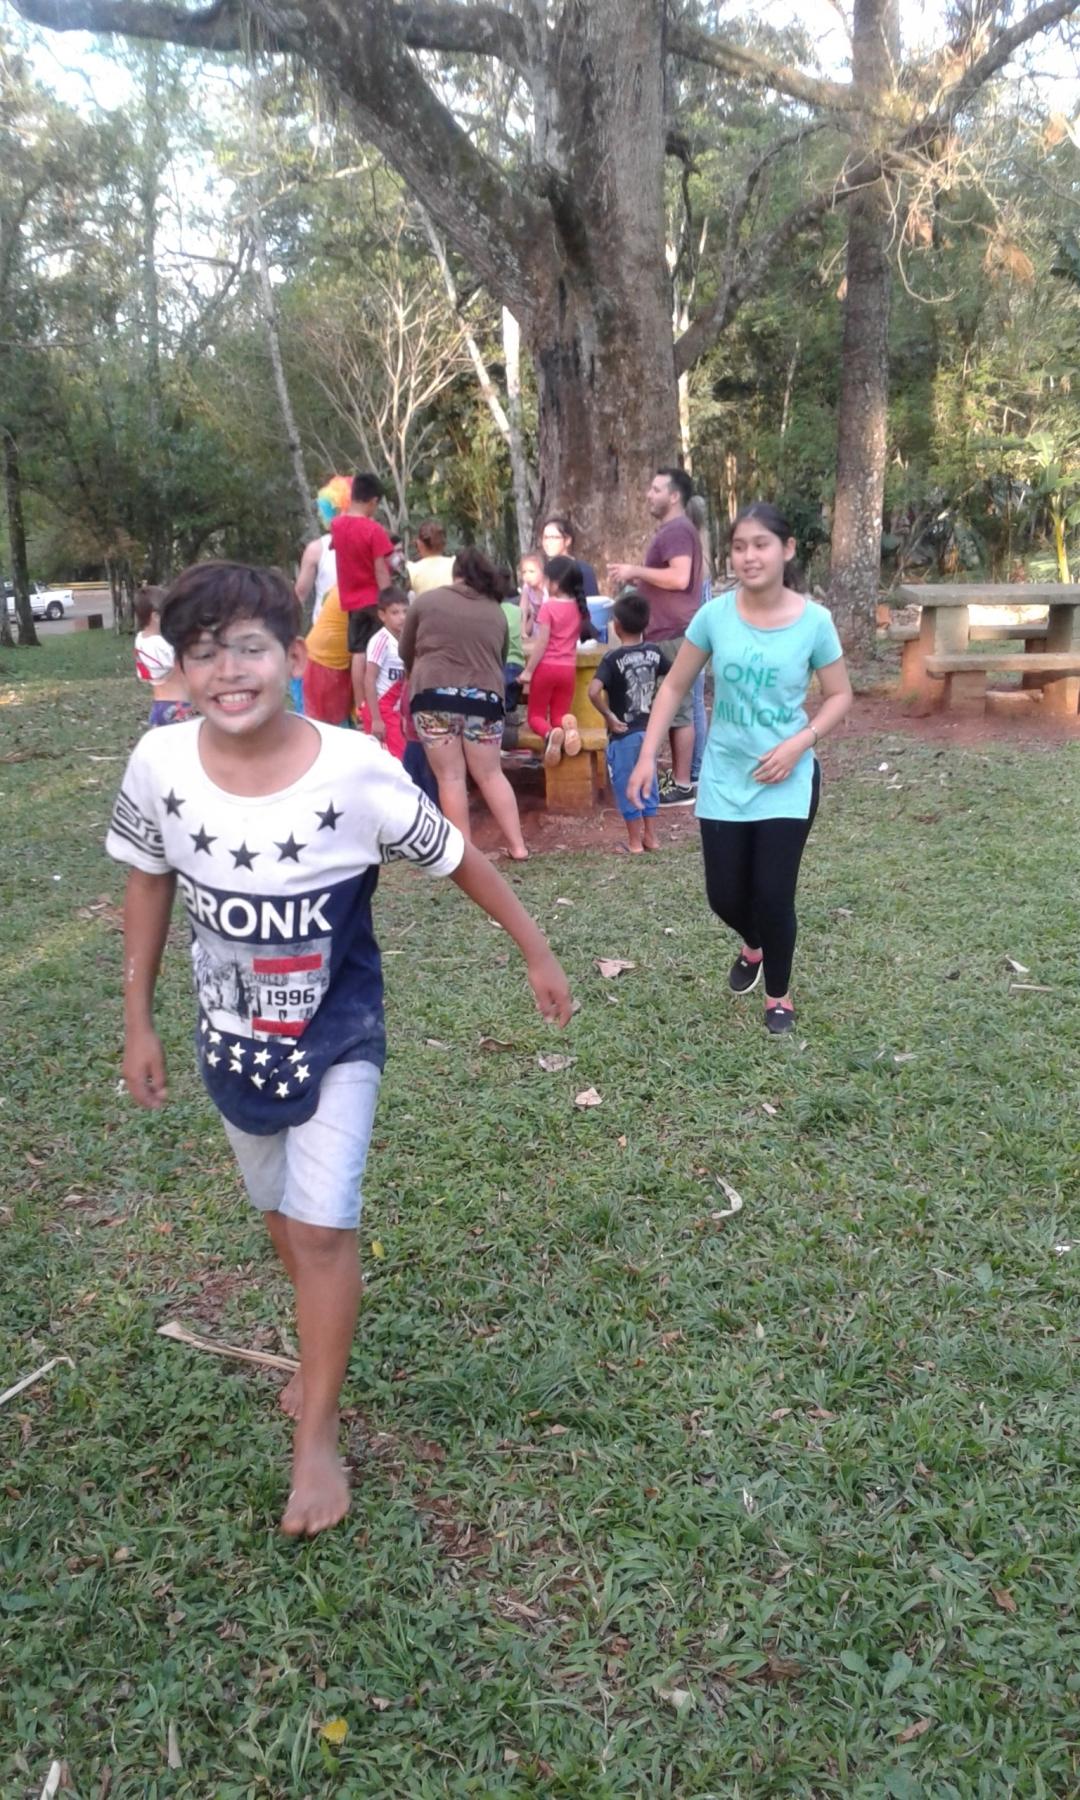 celebrando-la-niez-y-la-juventud_37311015040_o